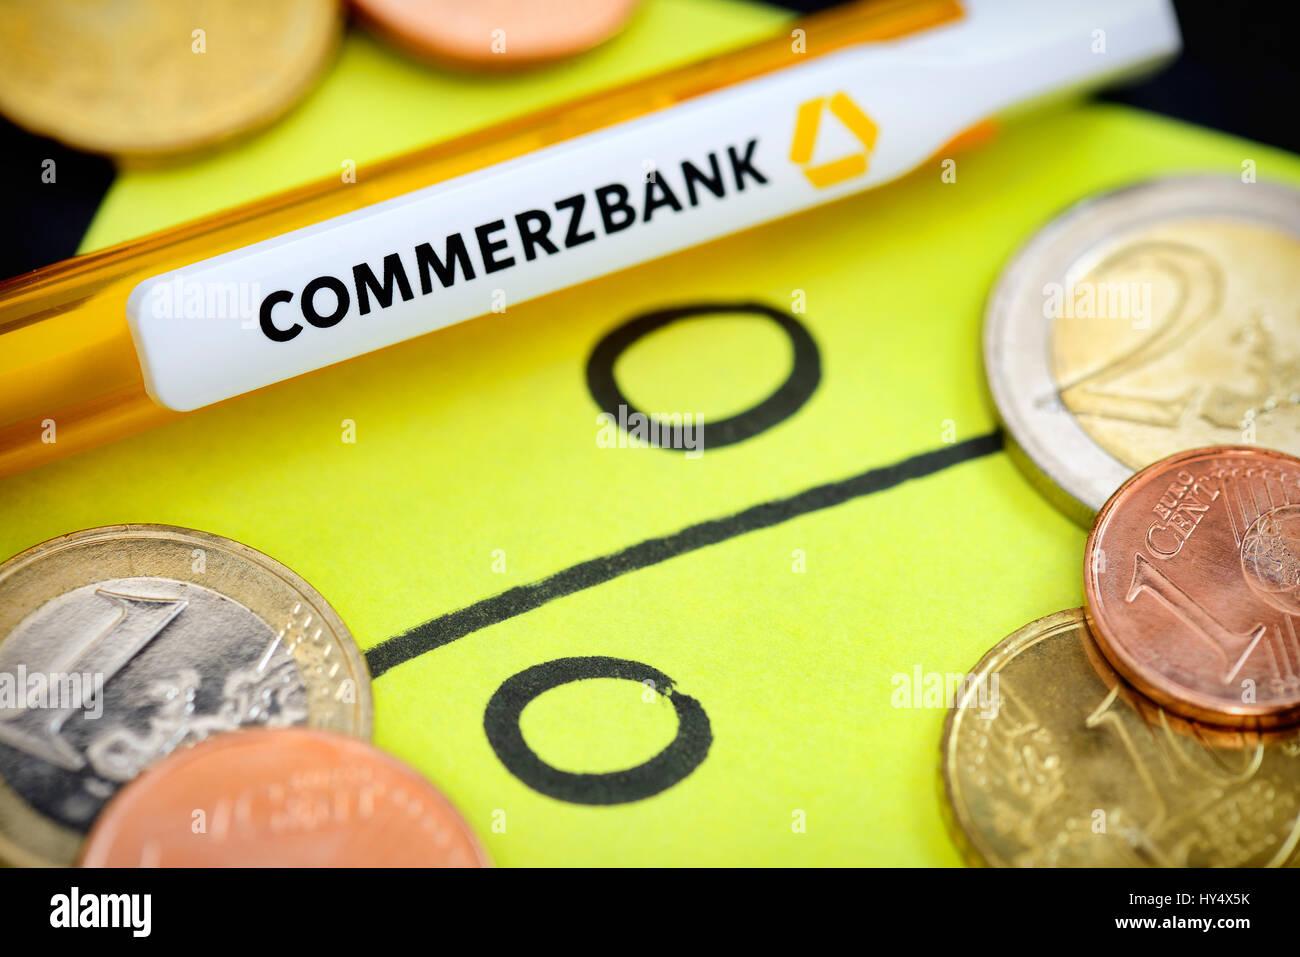 Percent signs and Commerzbank ballpoint pens, symbolic photo negative interest, Prozentzeichen und Commerzbank-Kugelschreiber, Stock Photo